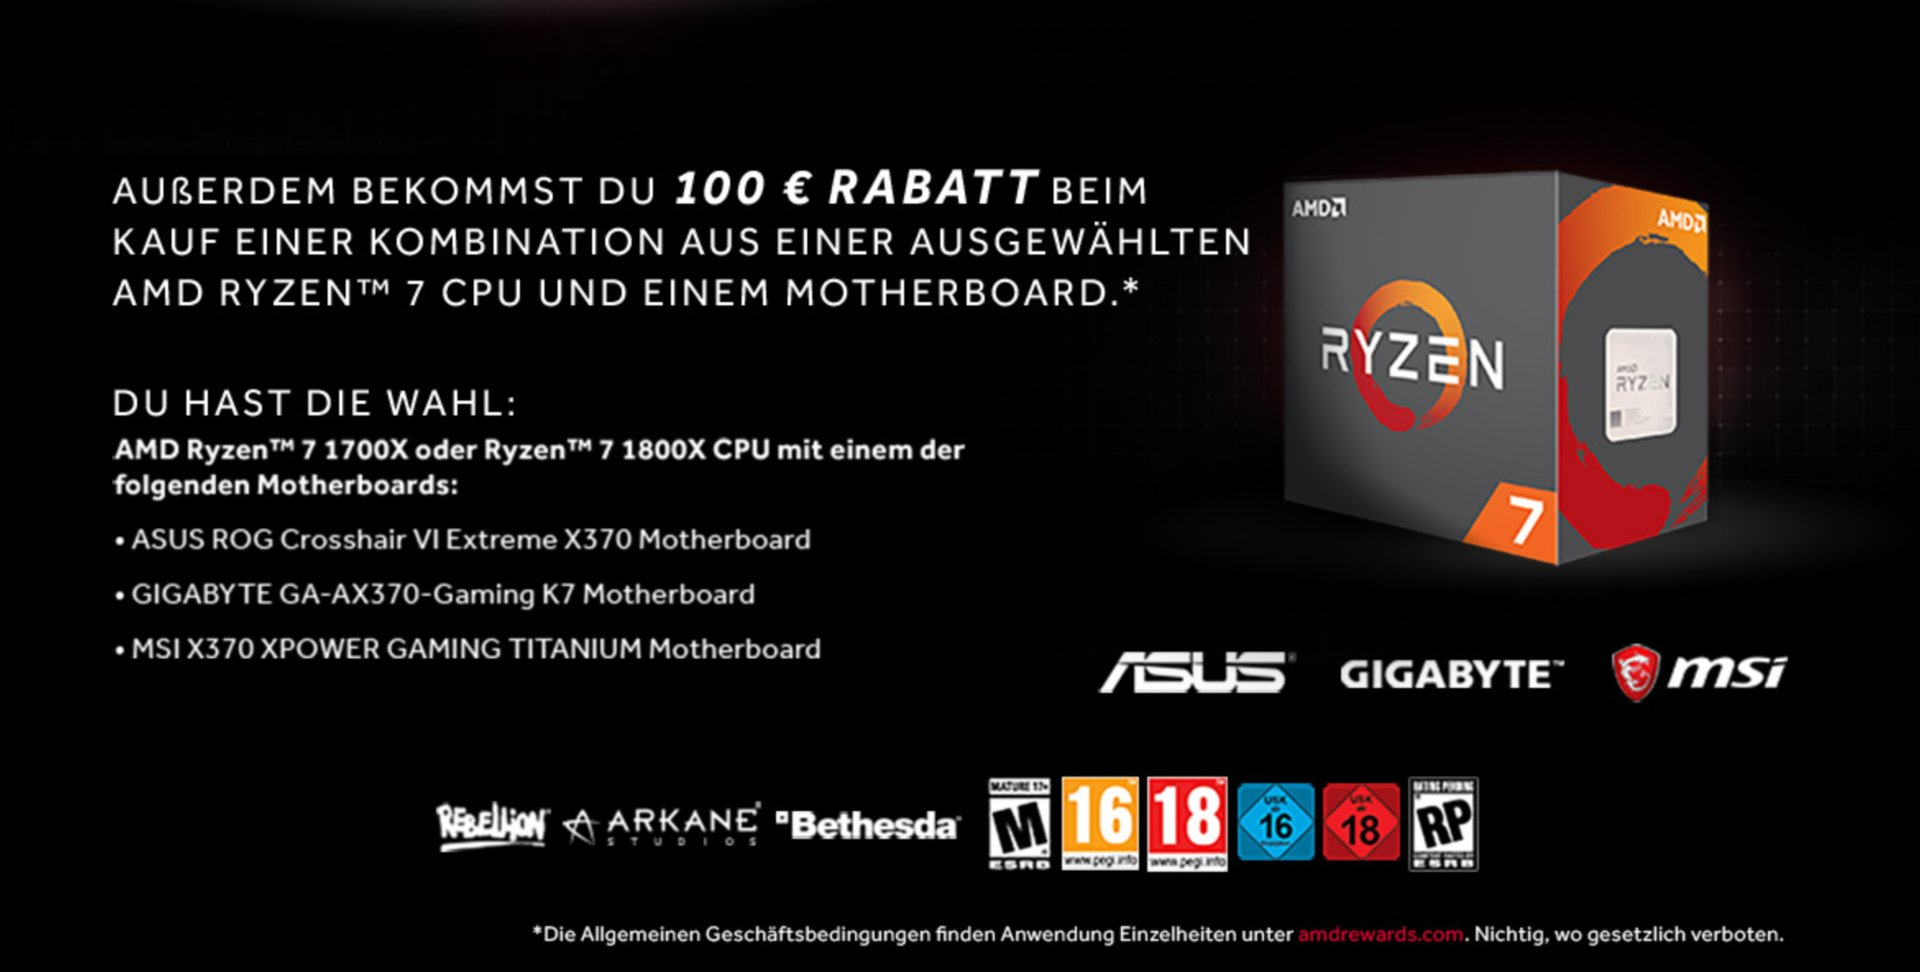 RX Vega 64: 100 Euro Rabatt in Kombination mit Ryzen 7 und X370-Mainboard